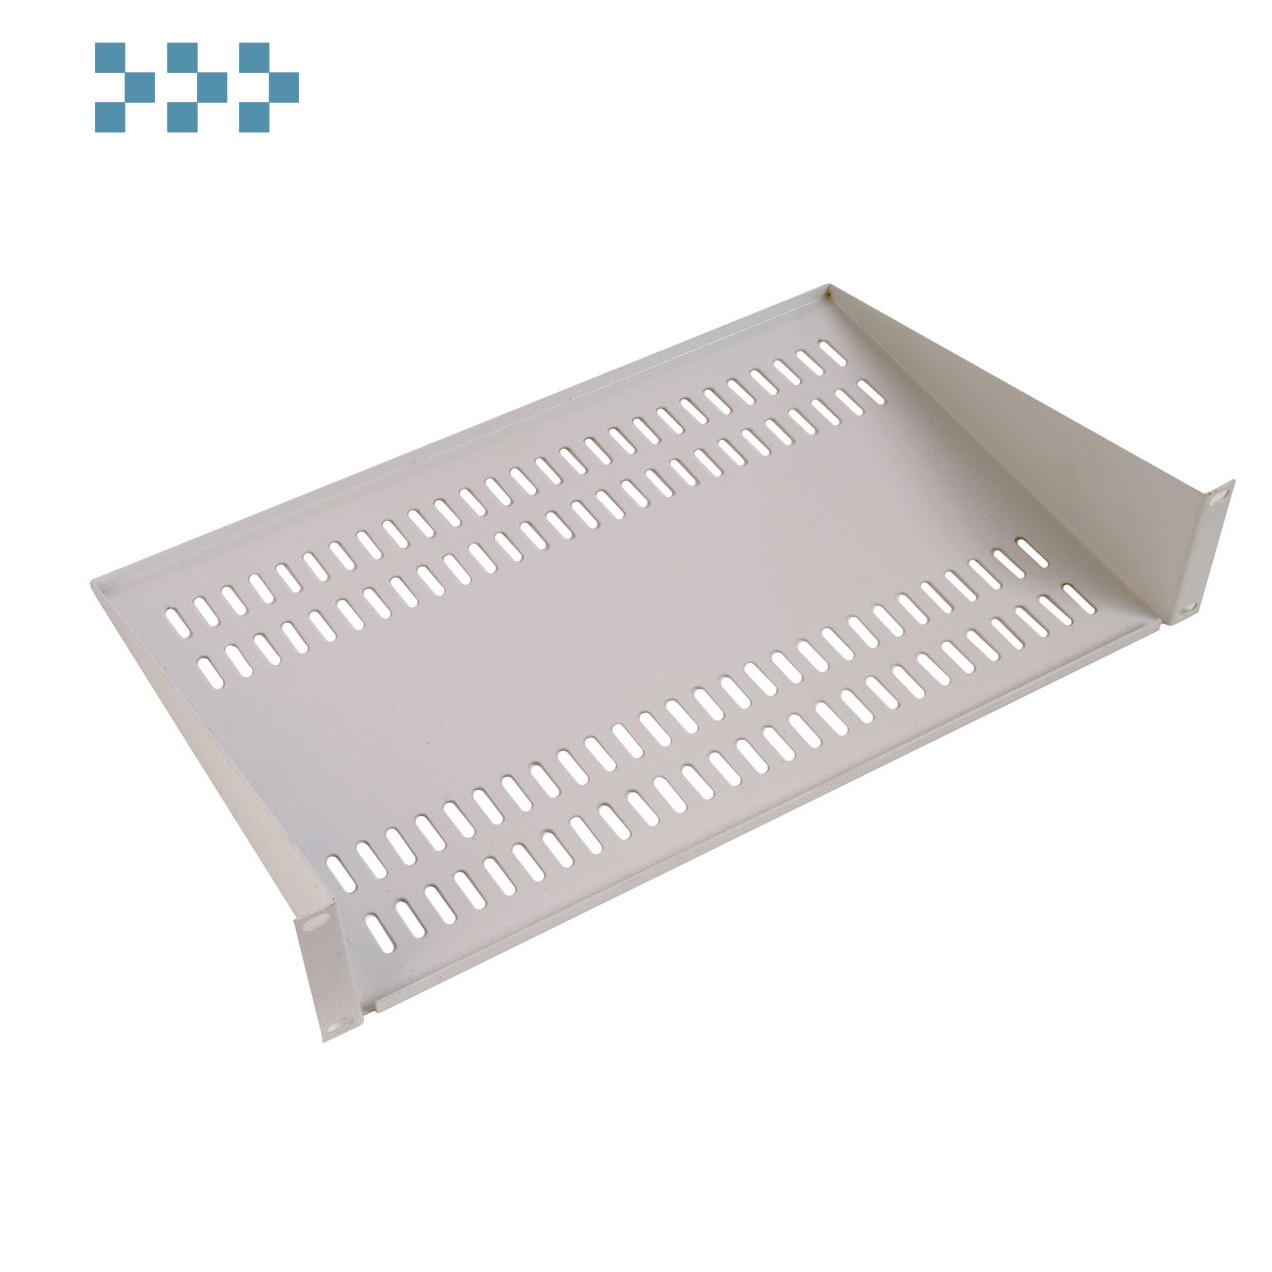 Полка перфорированная ЦМО МС-40-9005